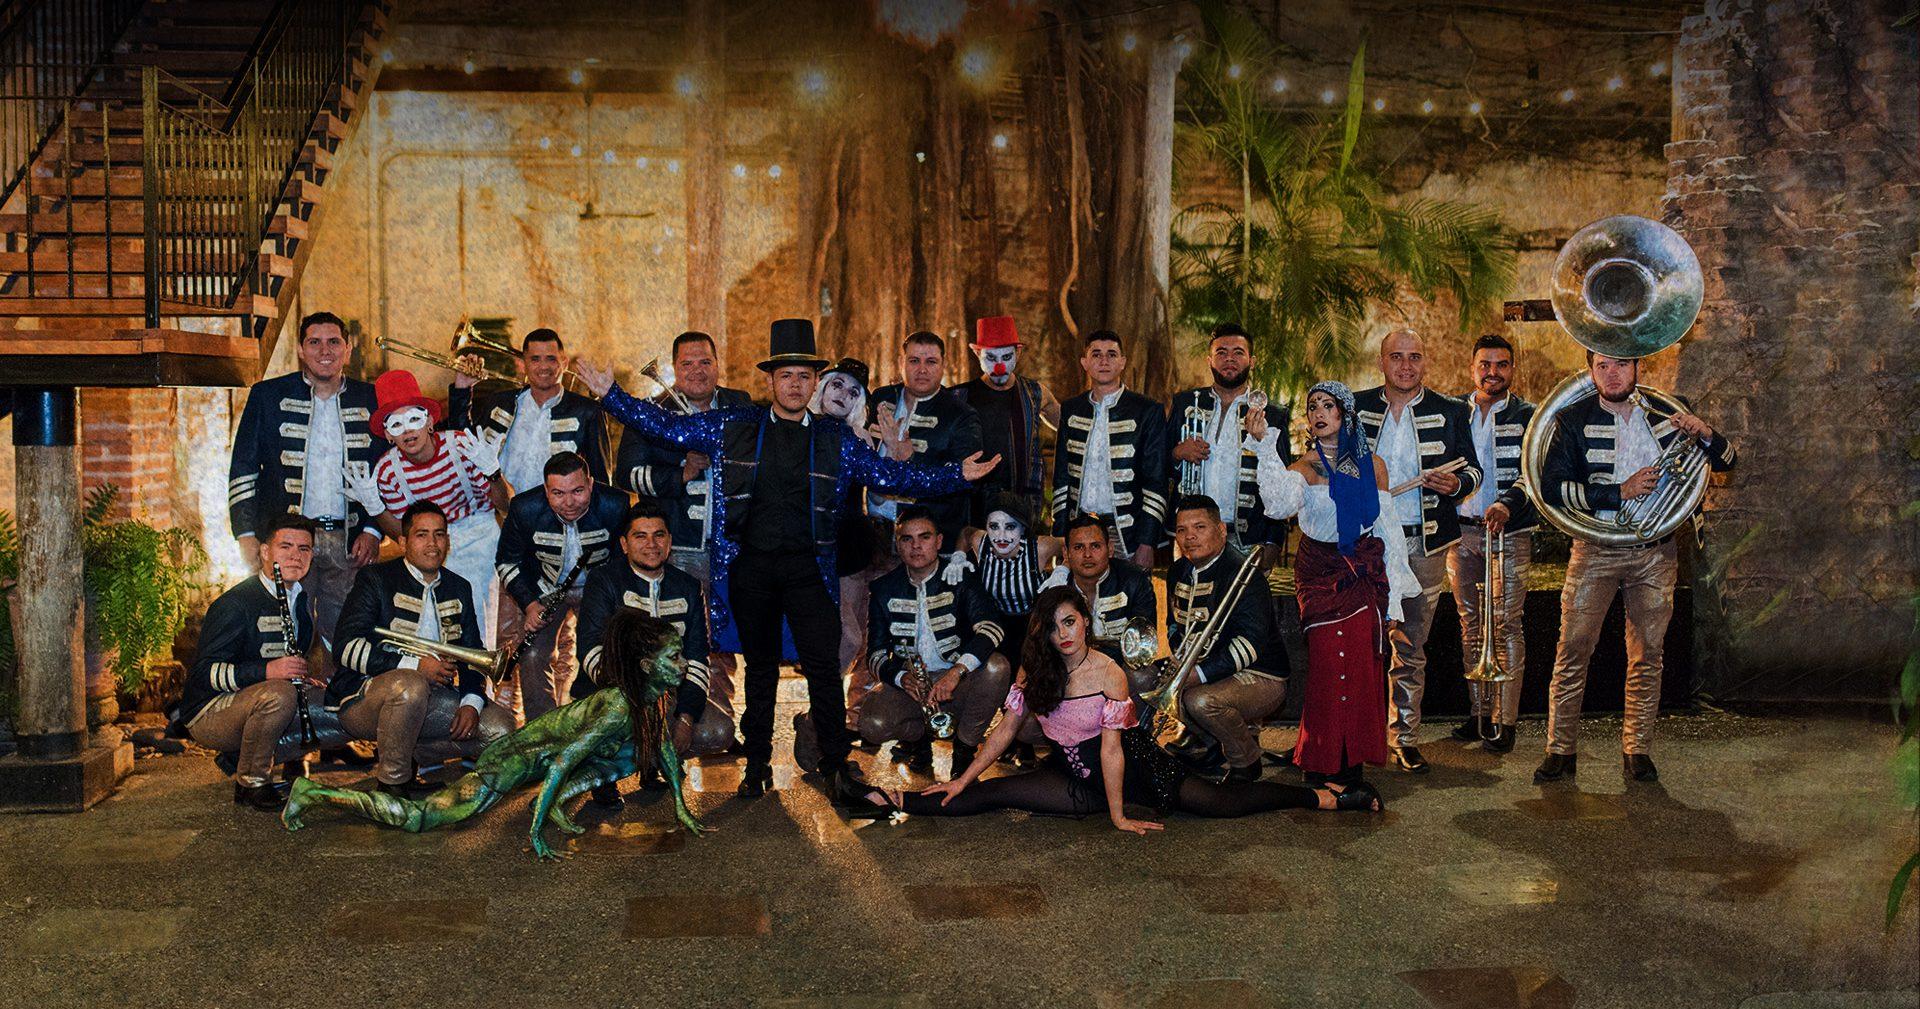 Tour Todo Terreno MediosBanda De De Tour UMzVqpGSL